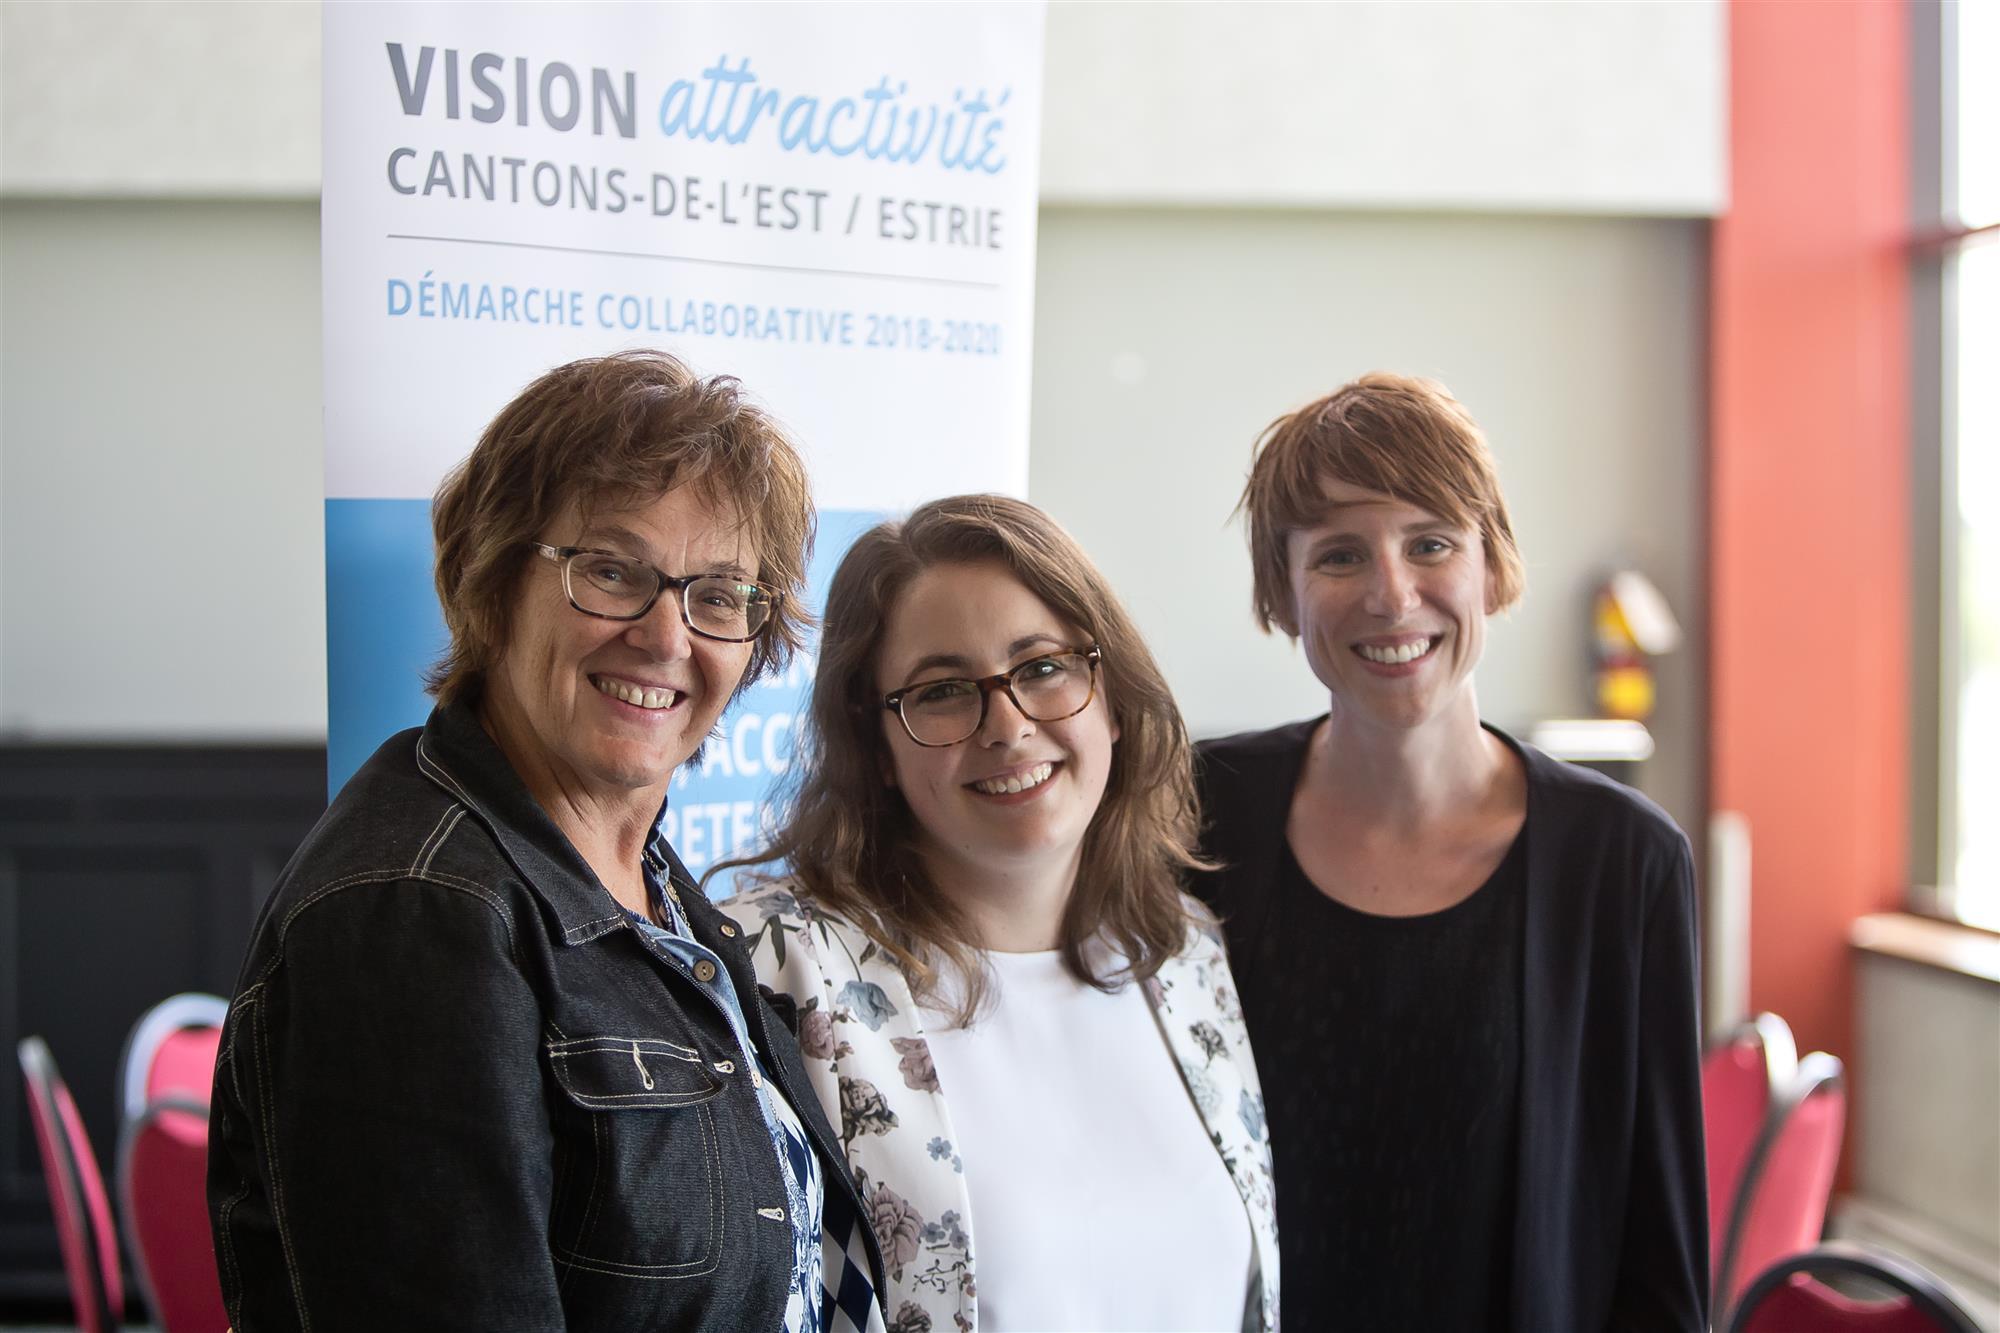 L'équipe de coordination : Francine Patenaude, Vanessa Cyr-Cournoyer et Annie-Claude Dépelteau